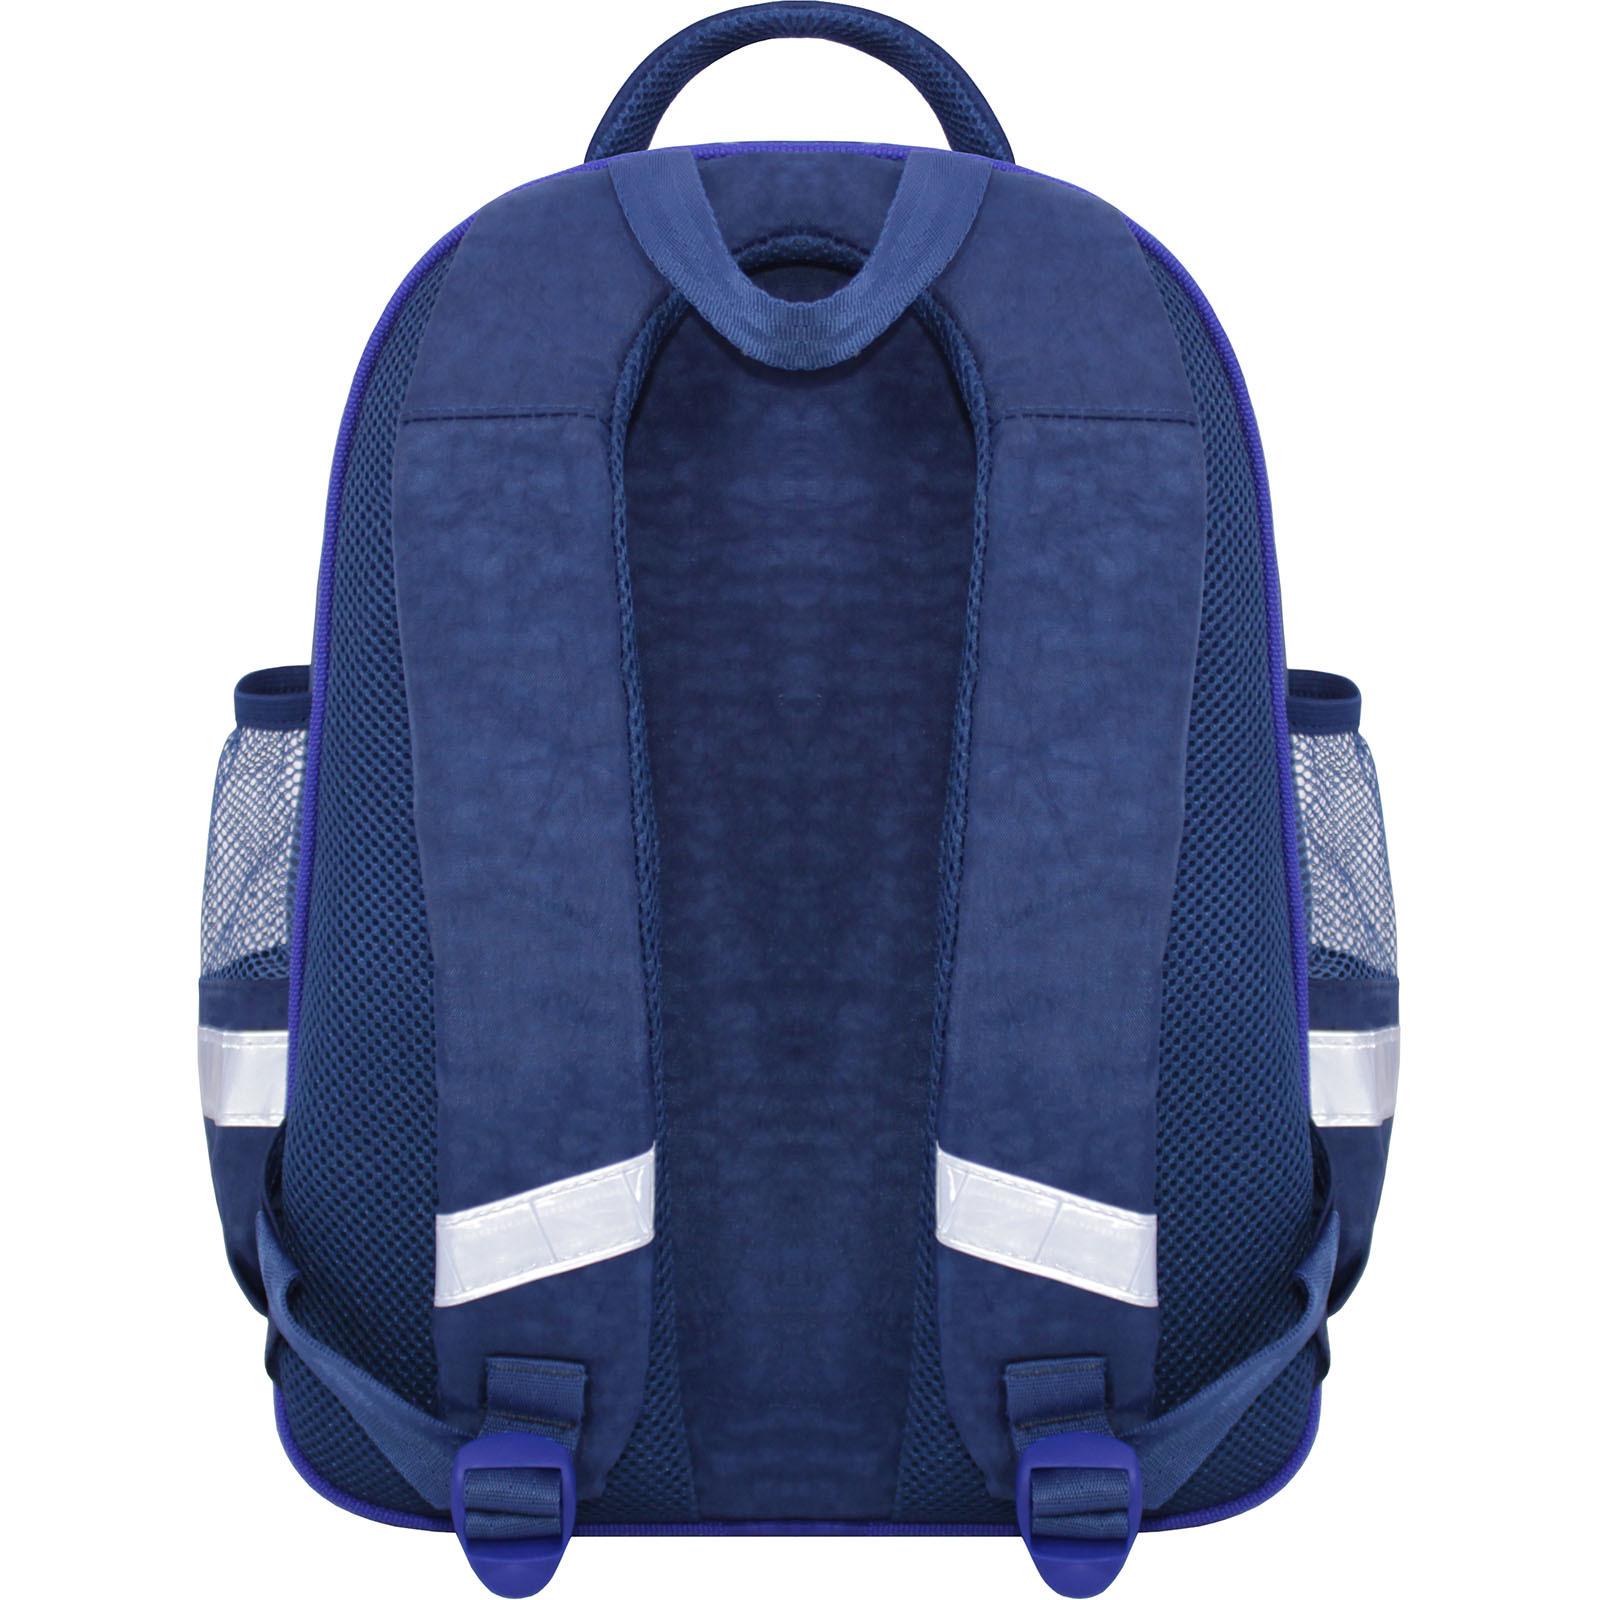 Рюкзак школьный Bagland Mouse 225 синий 507 (0051370) фото 3